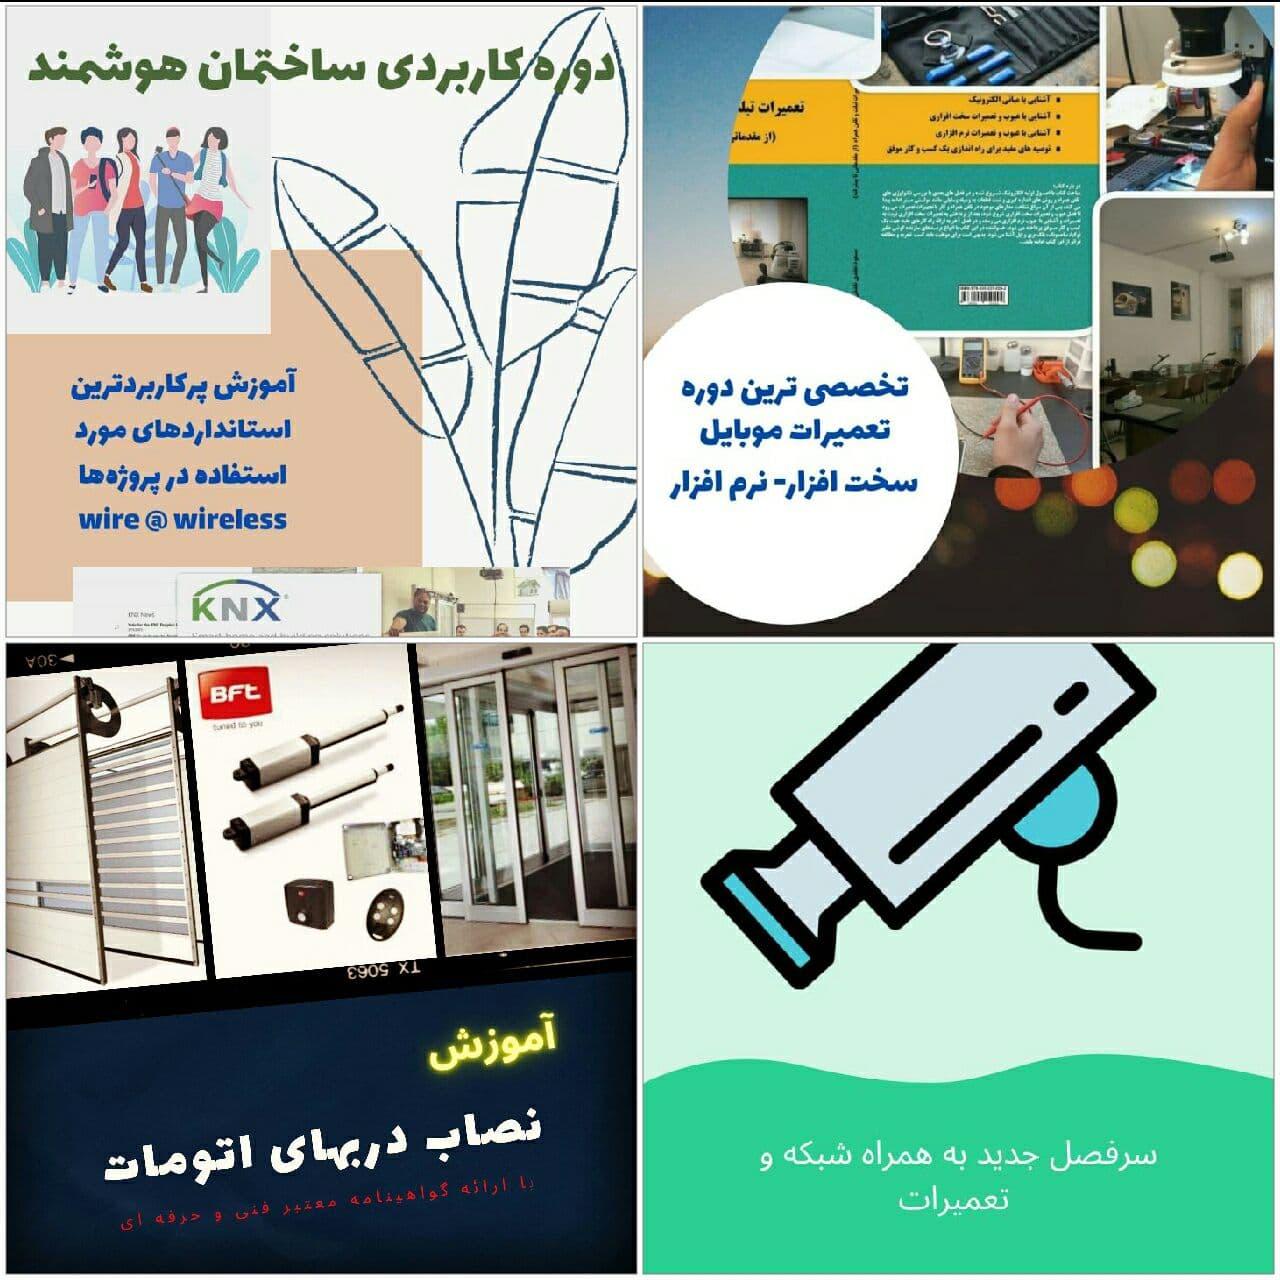 معرفی دوره های آموزشگاه ابتکارسازان صنعت